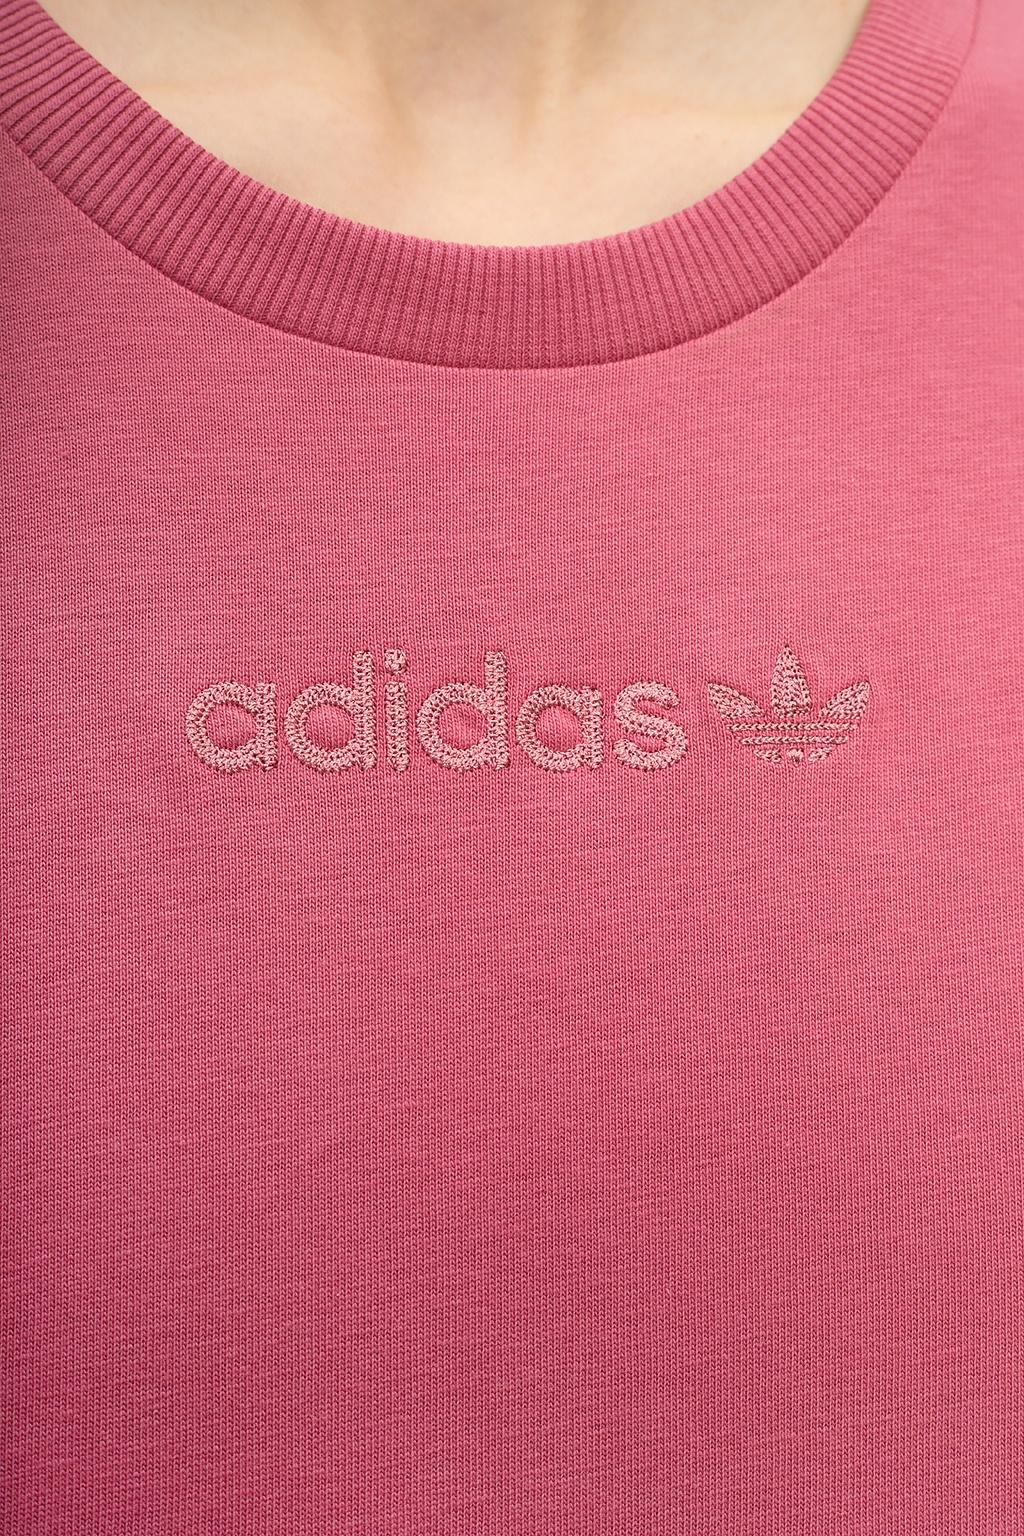 ADIDAS Originals 图案饰T恤